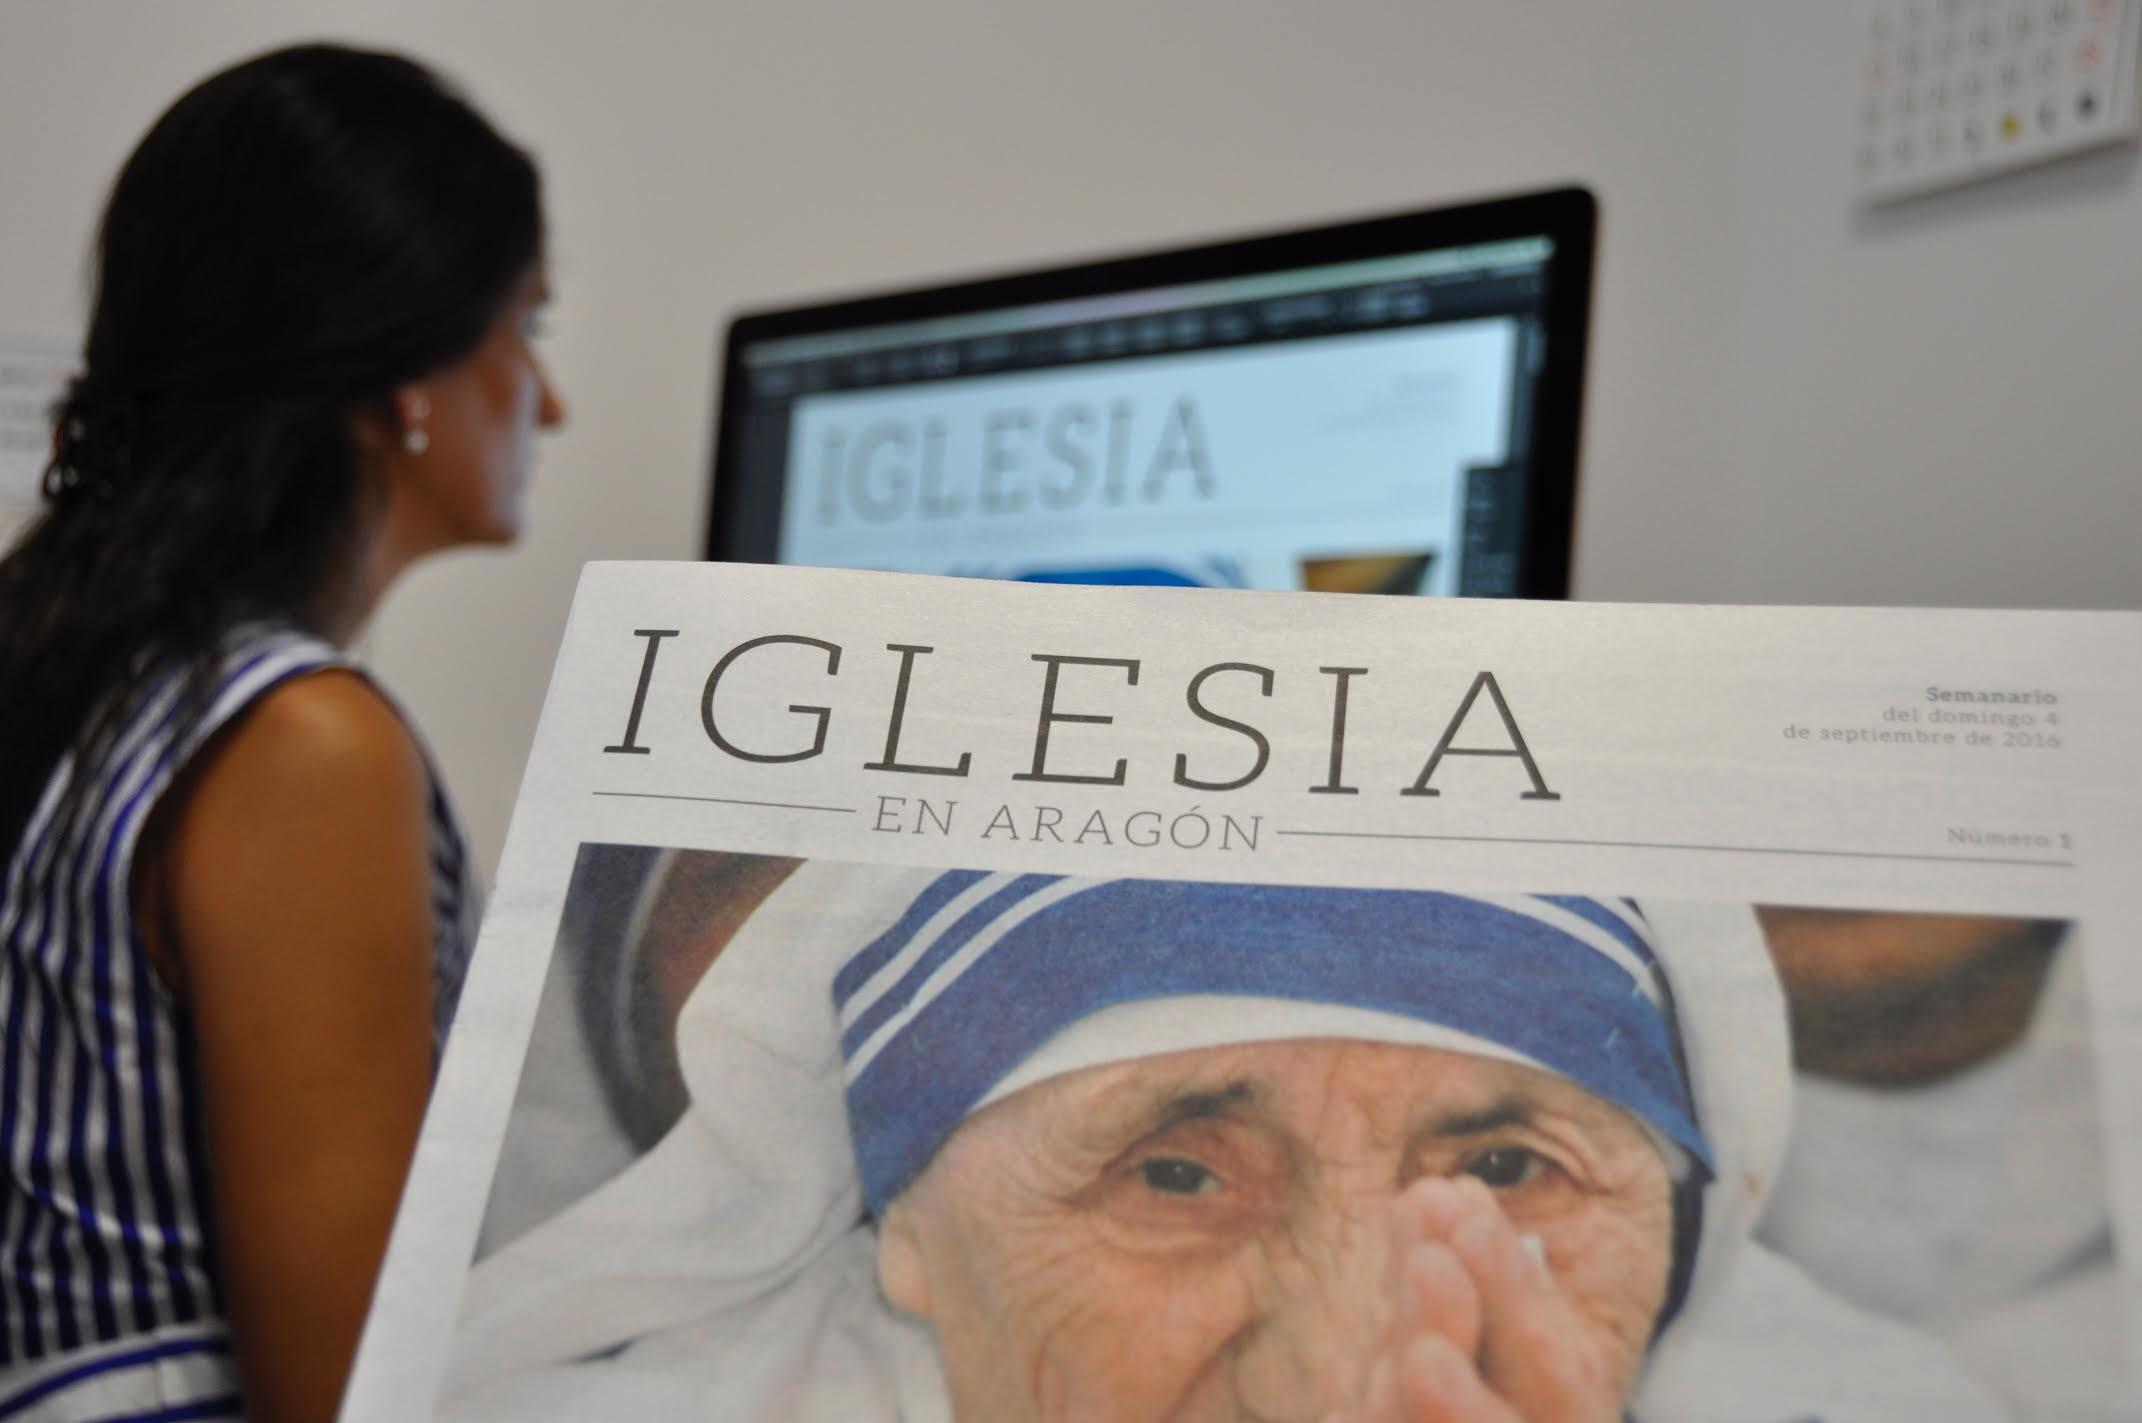 Nace 'Iglesia en Aragón', con una tirada de 40.000 ejemplares